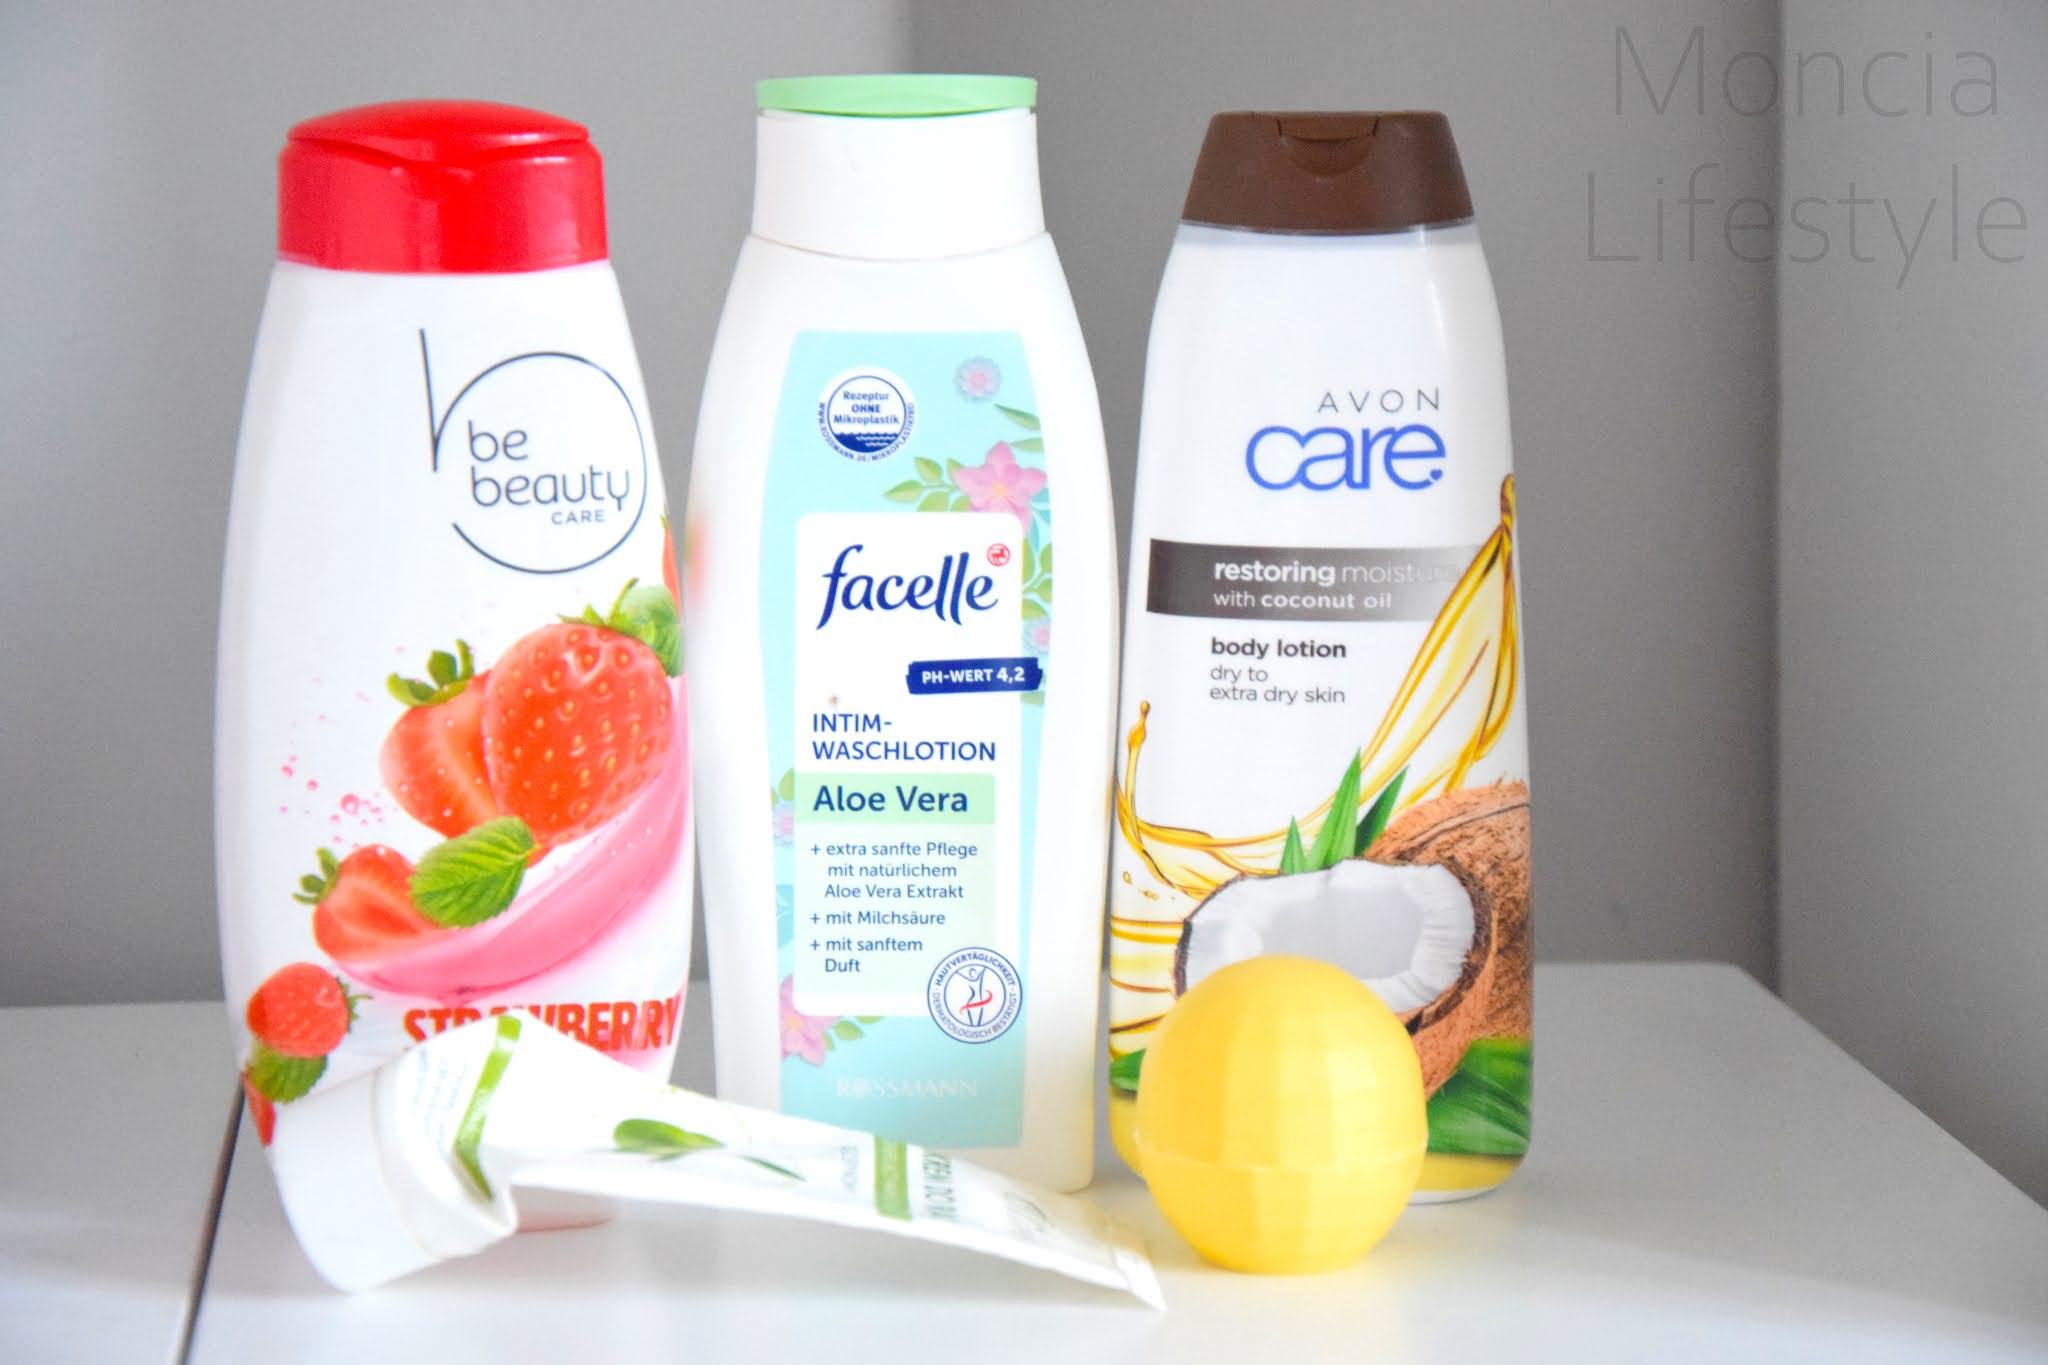 denko, projekt denko, denko 2021, be beauty, żel do twarzy be beauty, żel pod prysznic be beauty, facelle płyn do higieny intymnej, marion olej awokado, chusteczki micelarne Avon, suchy szampon, keratyne CocoChoco,